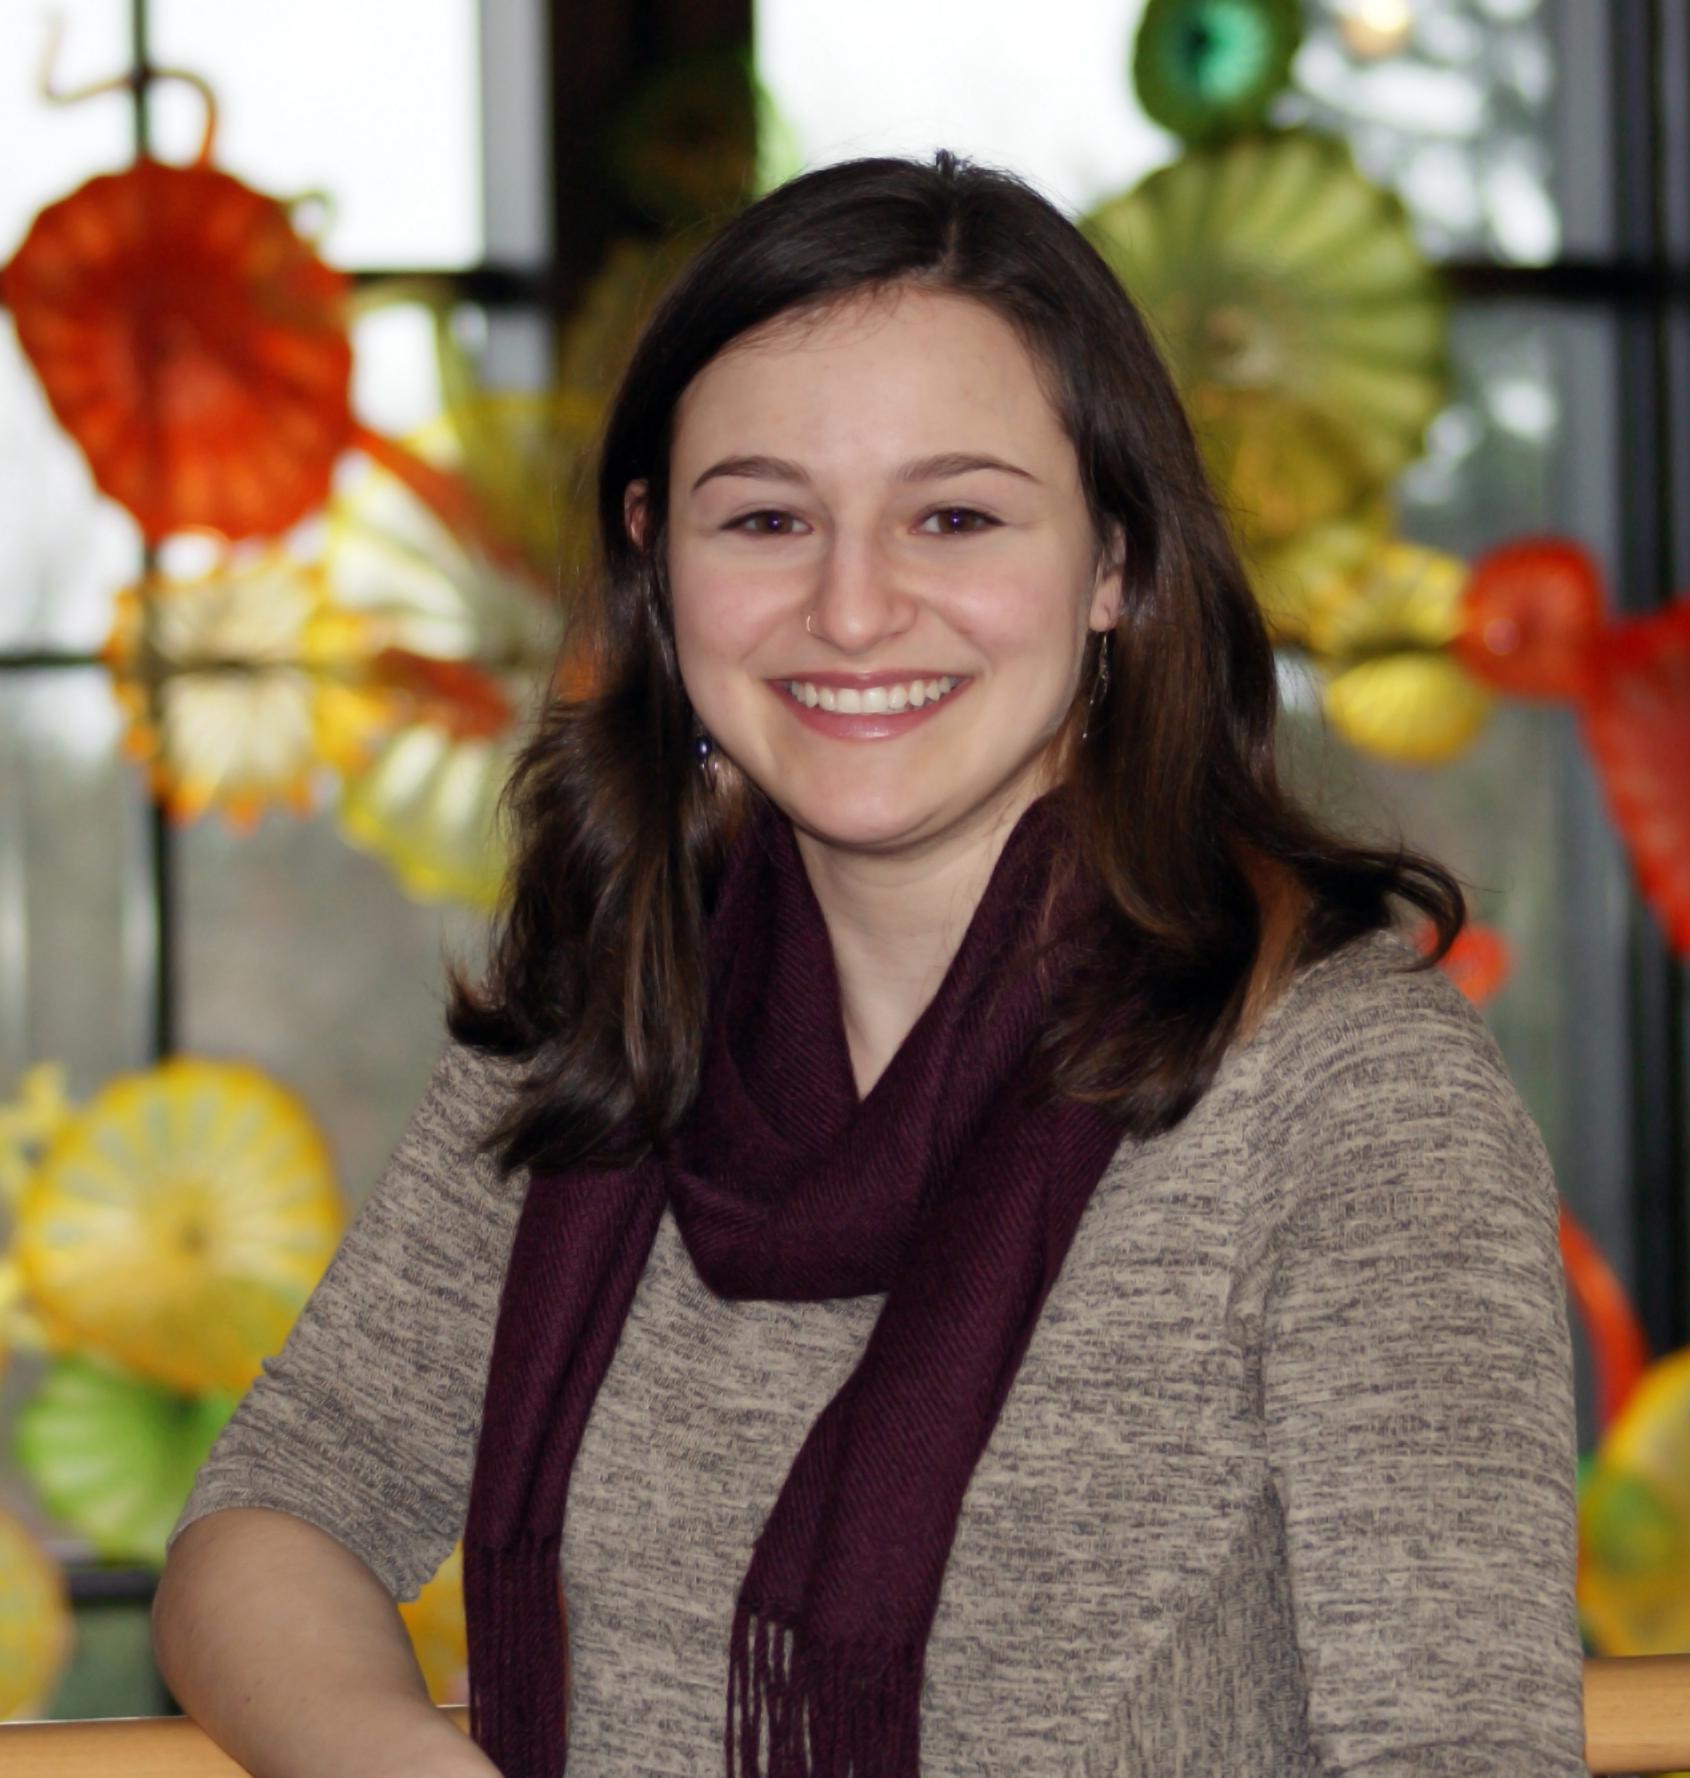 Melanie Schaffer